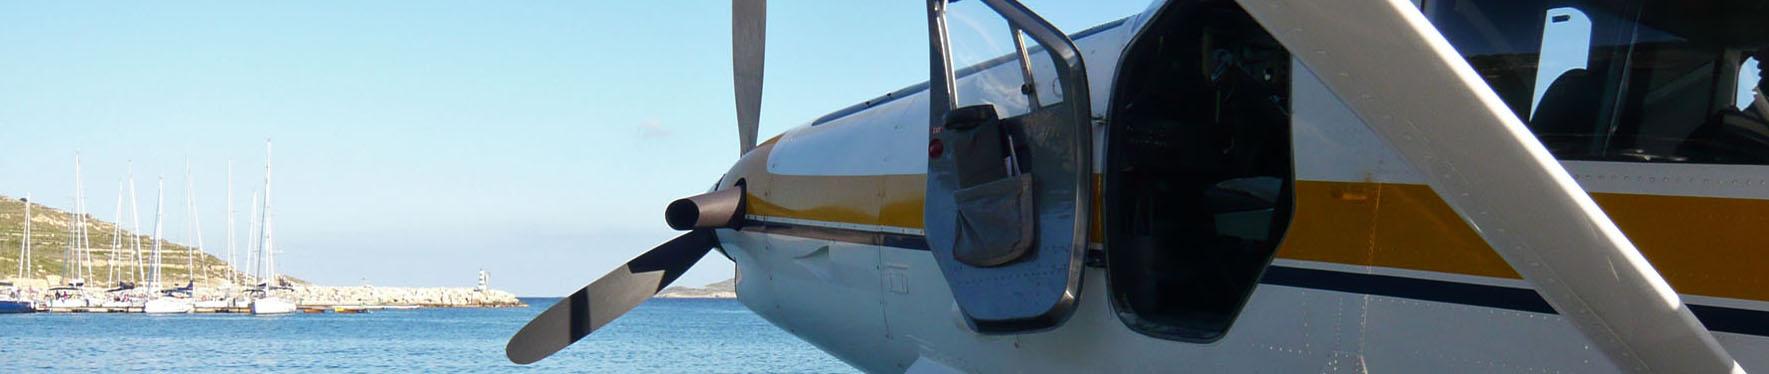 Seaplane Malta